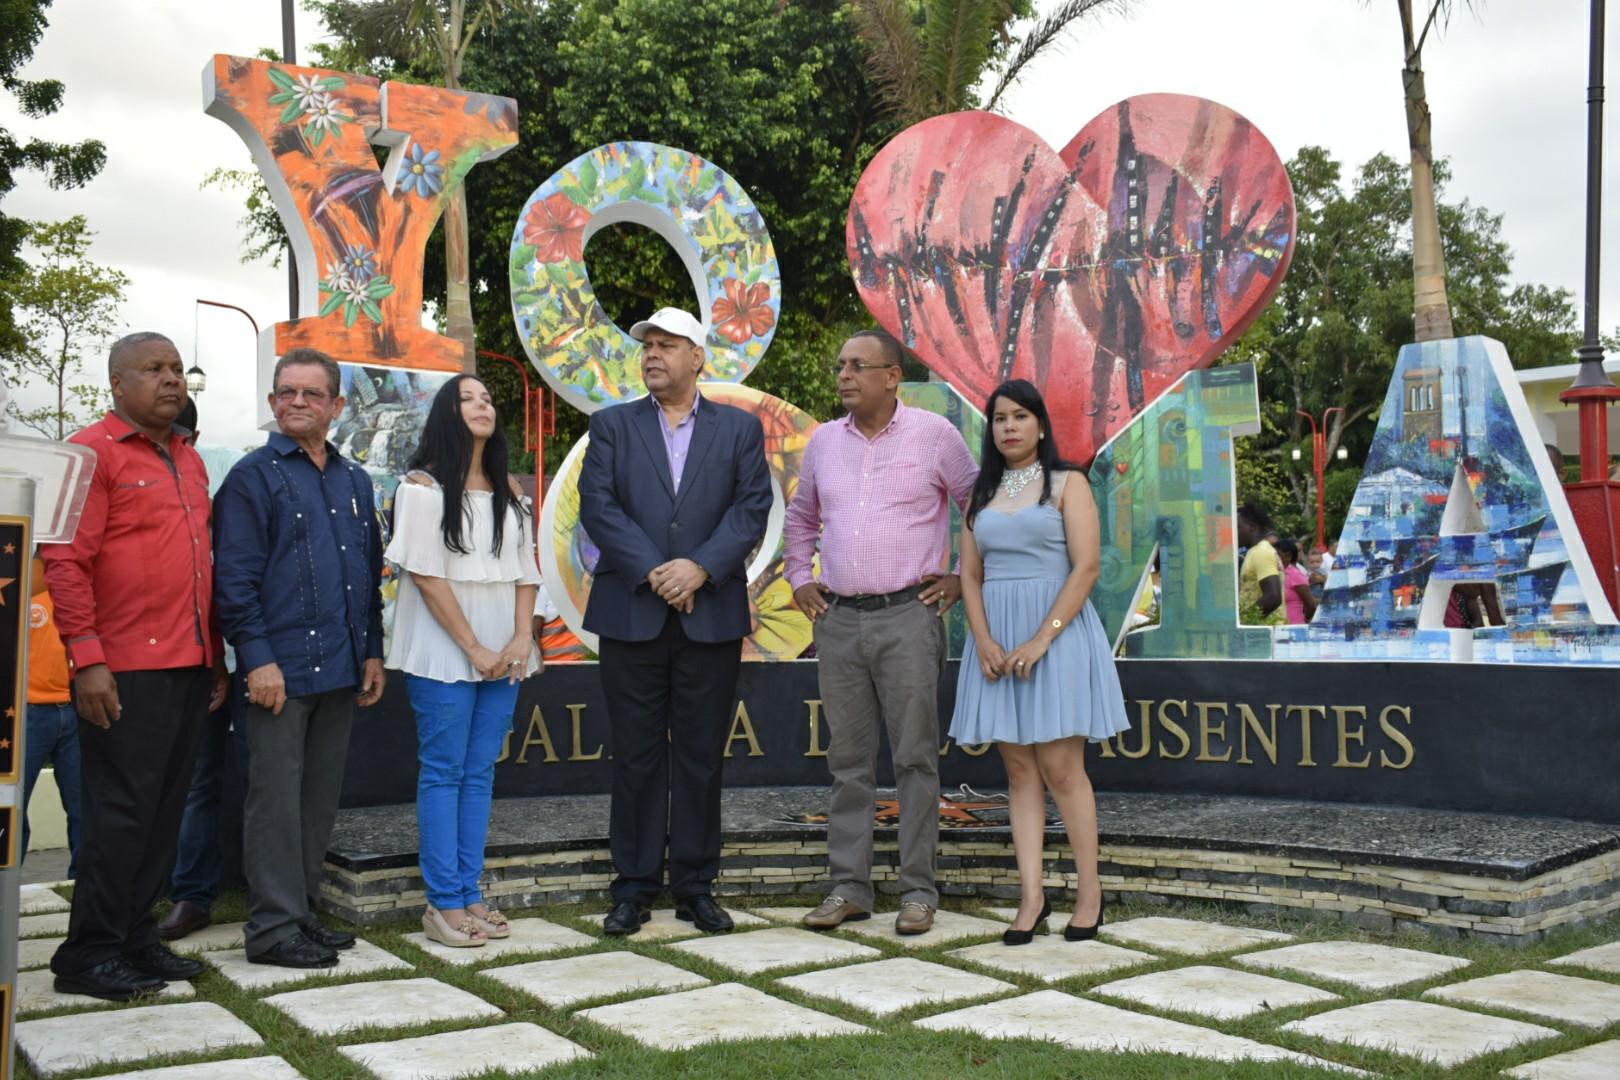 Reinauguración del Parque Juan Pablo Duarte